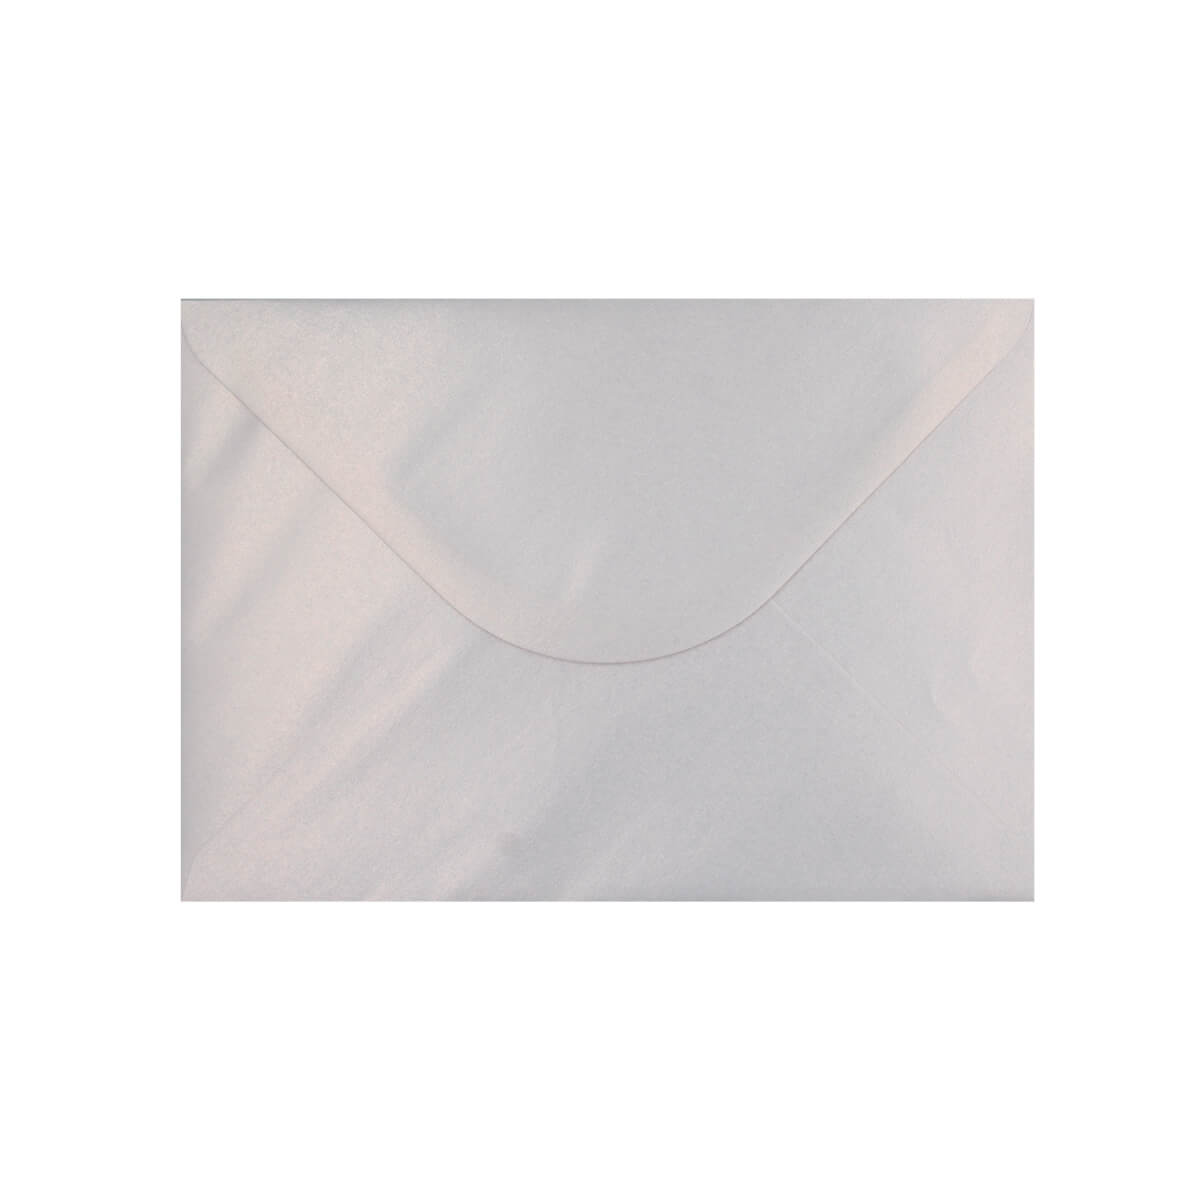 C5 PEARL SNOW WHITE ENVELOPES